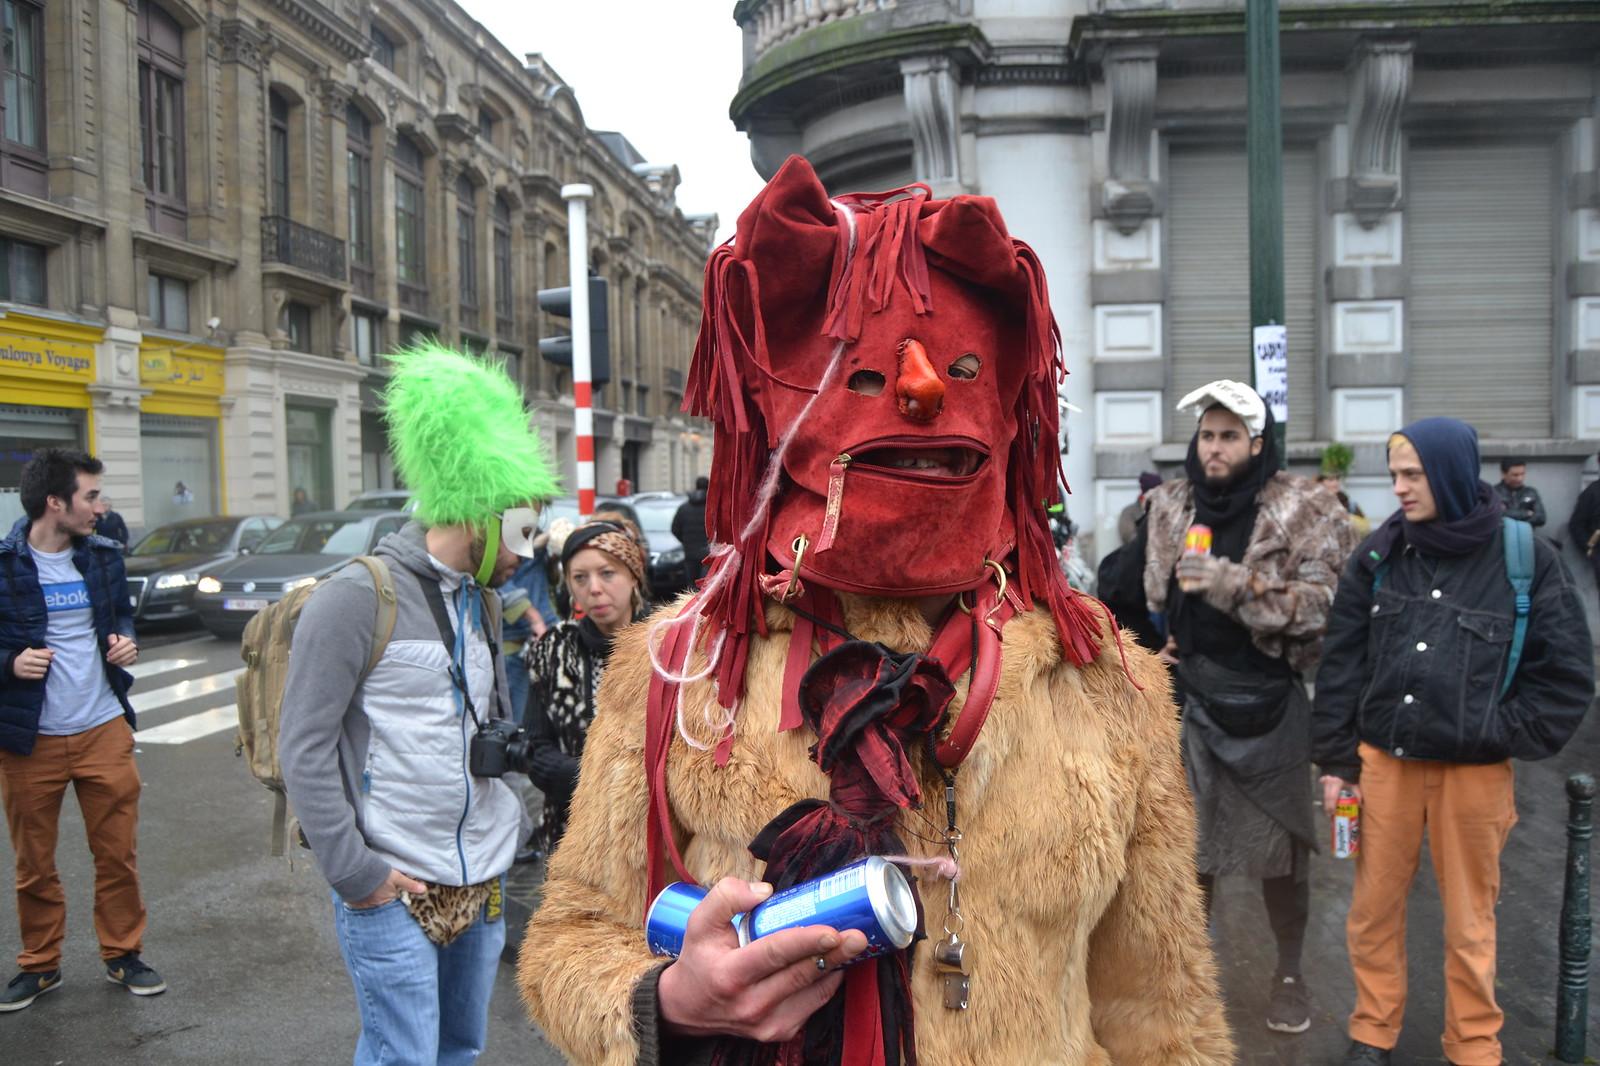 Carnaval Sauvage. Place du Jeu de Balle, 1000 Bruxelles, Belgique. Fotos de zeroanodino para URBANARTIMAÑA. httparteanodino.blogspot.be